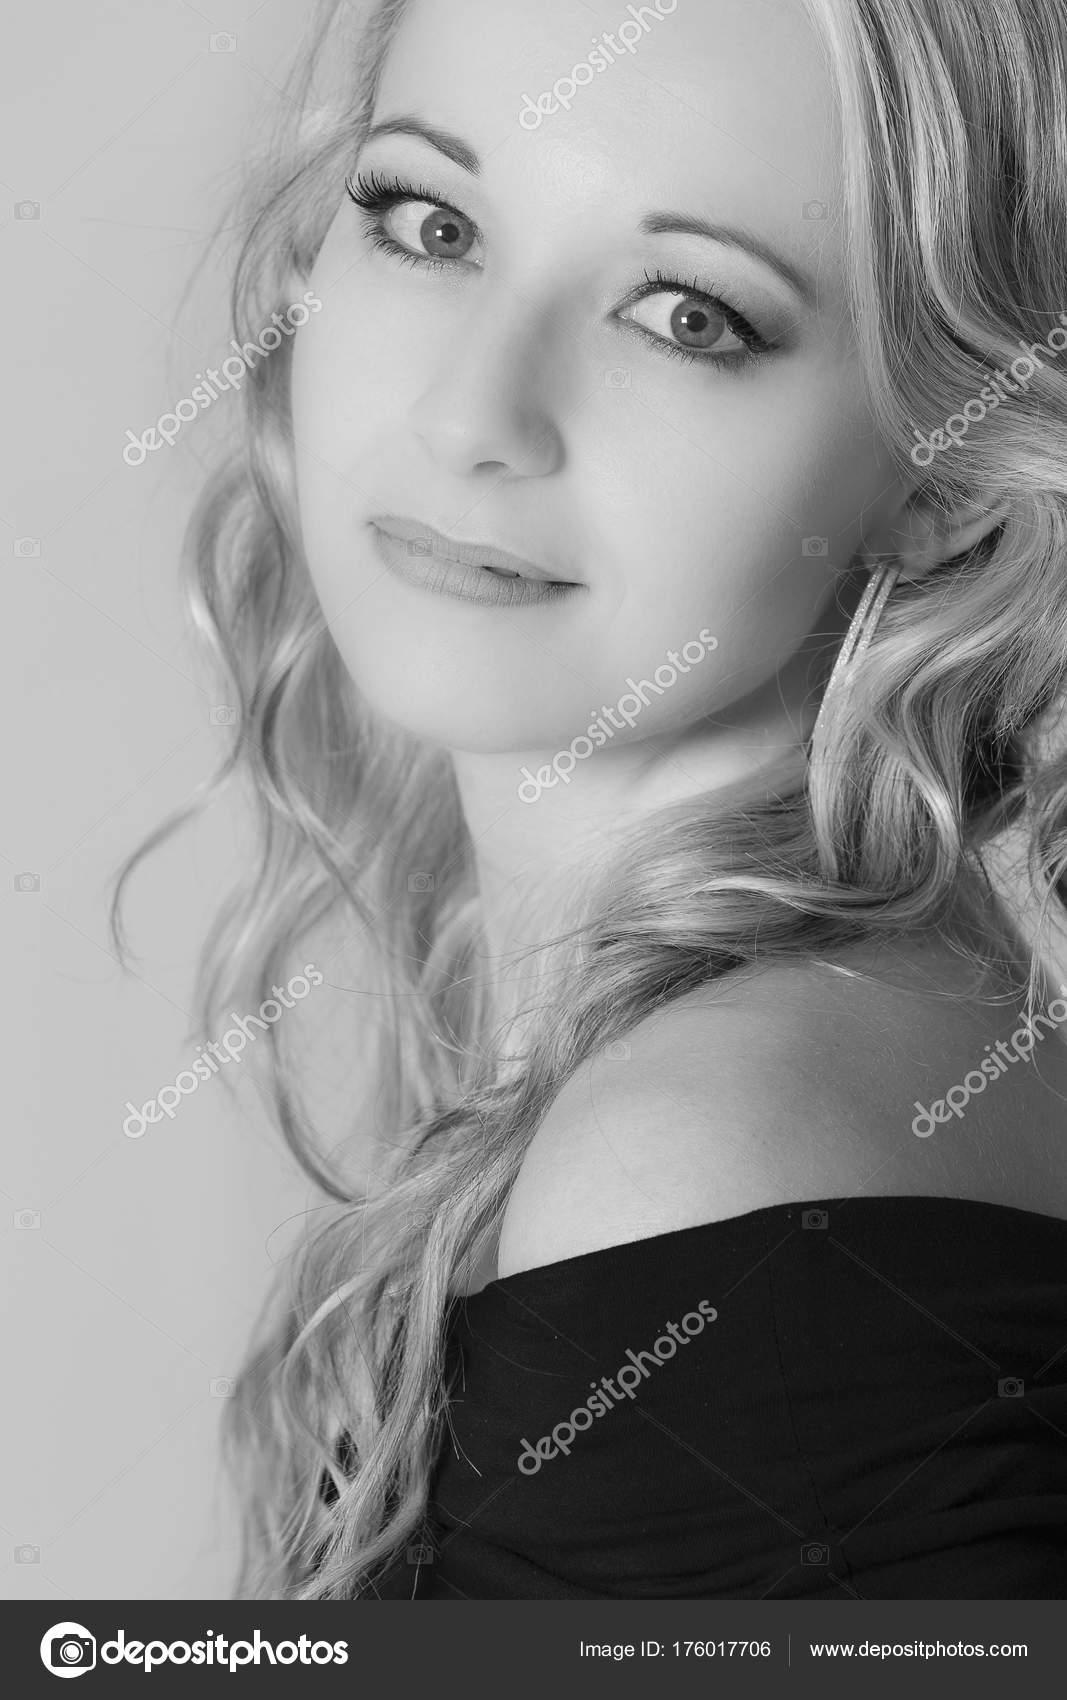 fotografii-kudryavih-zhenshin-blondinok